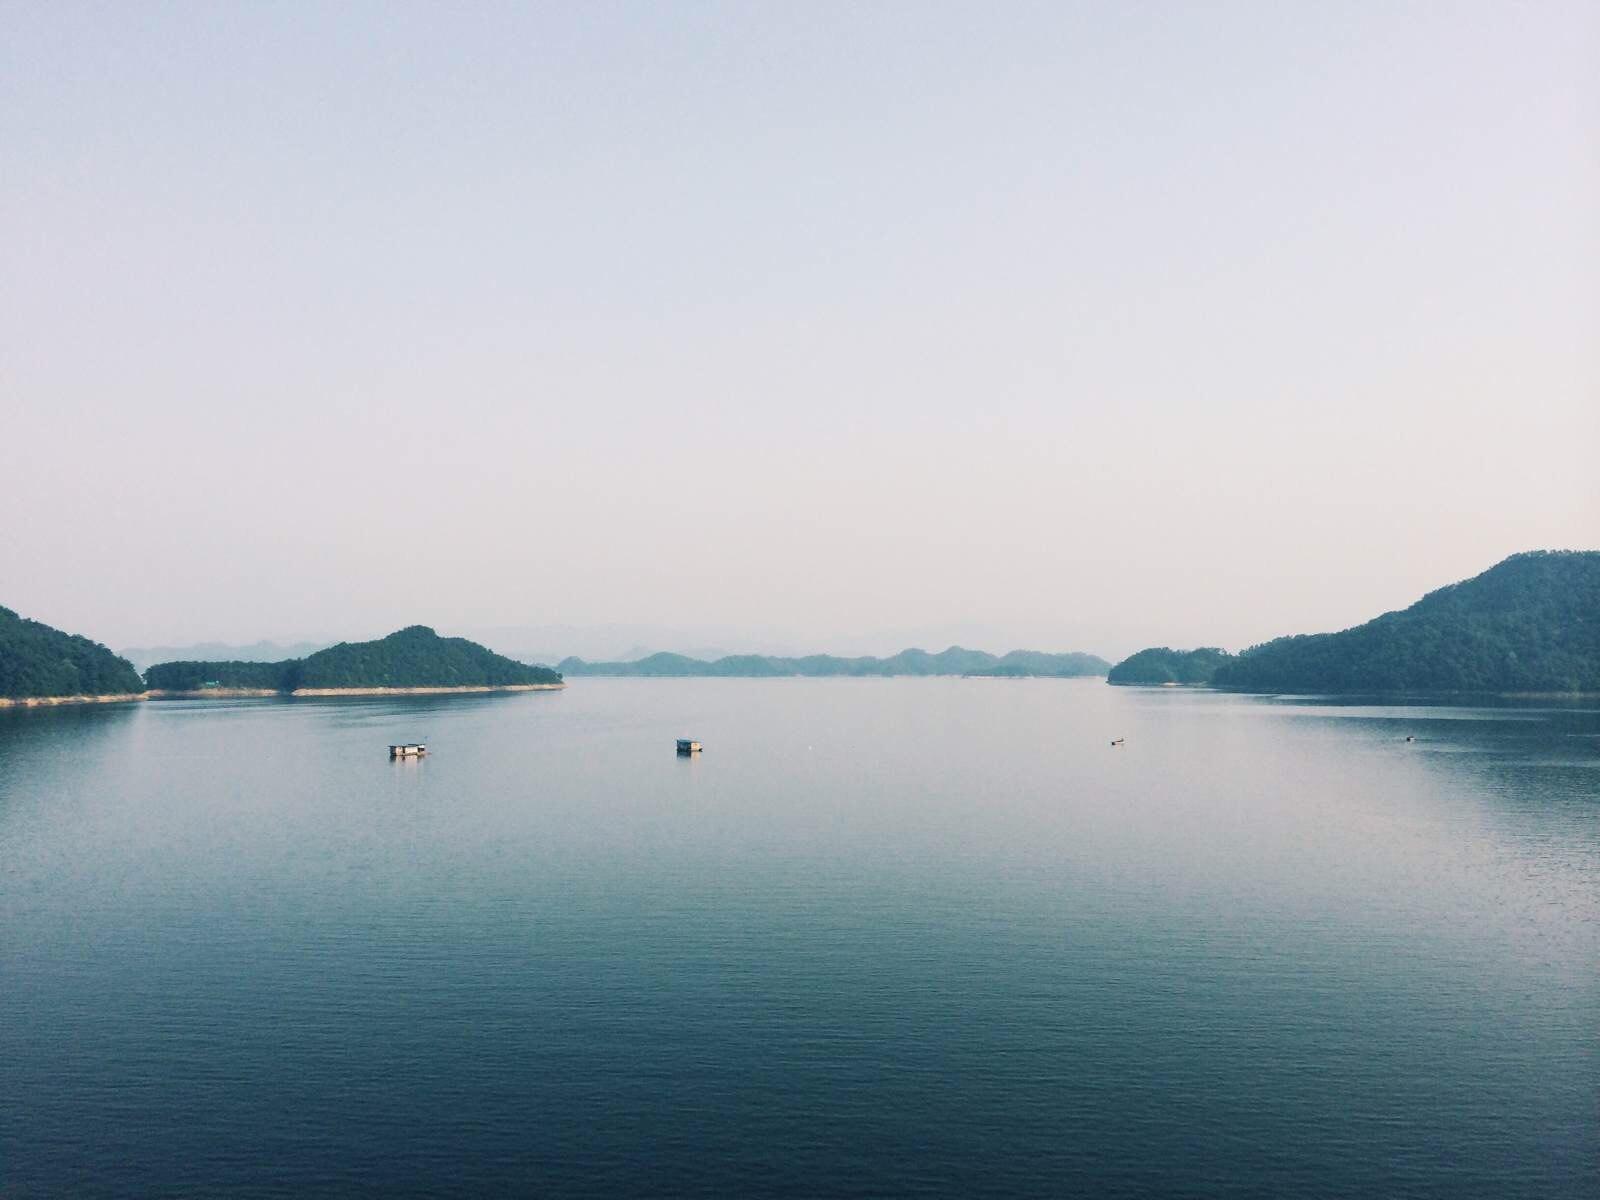 千岛湖两日游 - 杭州游记攻略【携程攻略】